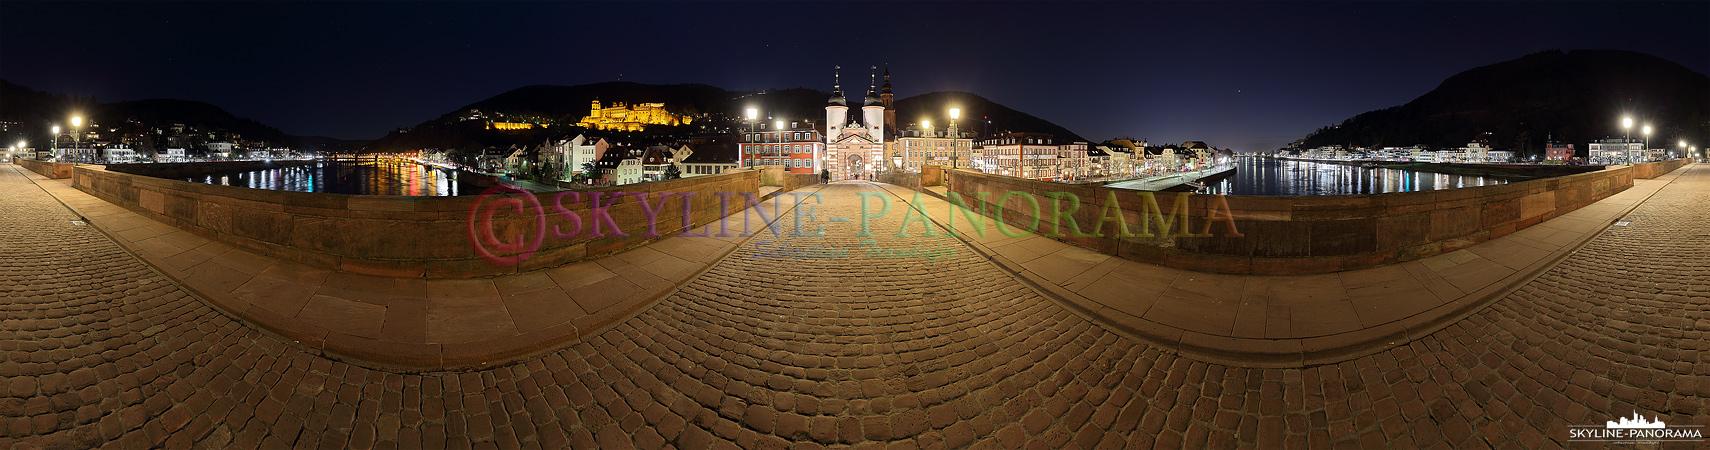 Panorama auf der Alten Brücke - Eine 360 Grad Ansicht der historischen Alten Brücke von Heidelberg mit Blick auf die Altstadt und das Schloss.